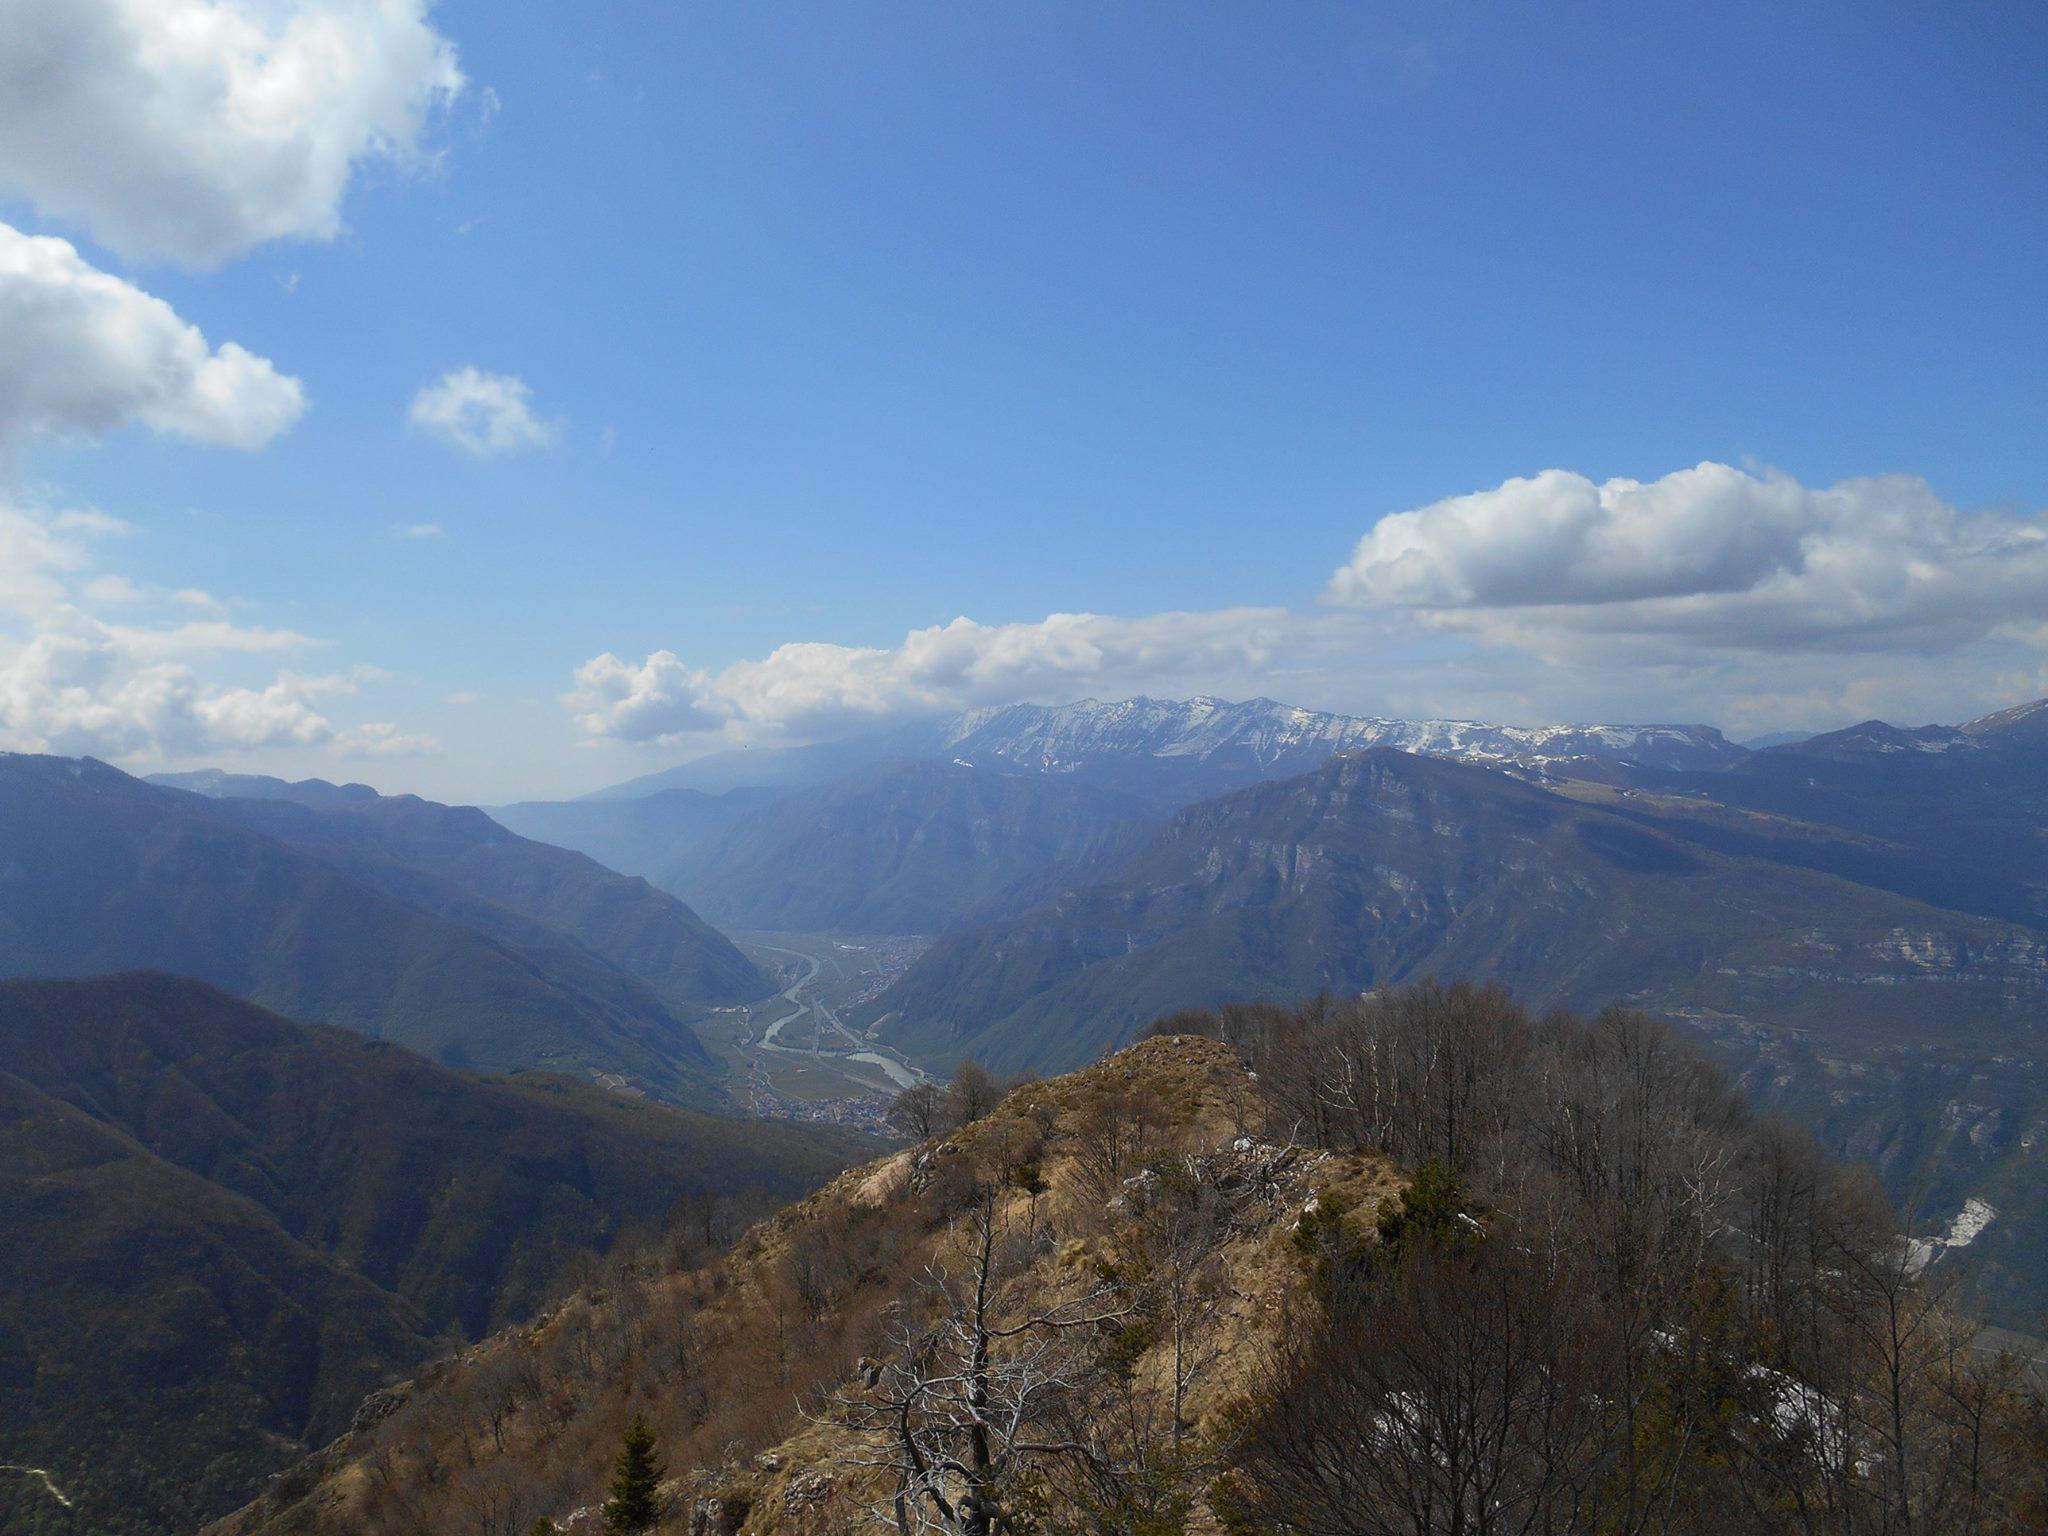 Aprile 2016 - Nella foto Pasini, foschia da Sud e qualche stratocumulo sul Baldo il giorno 10 Aprile, dopo il peggioramento che nei giorni precedenti ha interessato il Veneto.